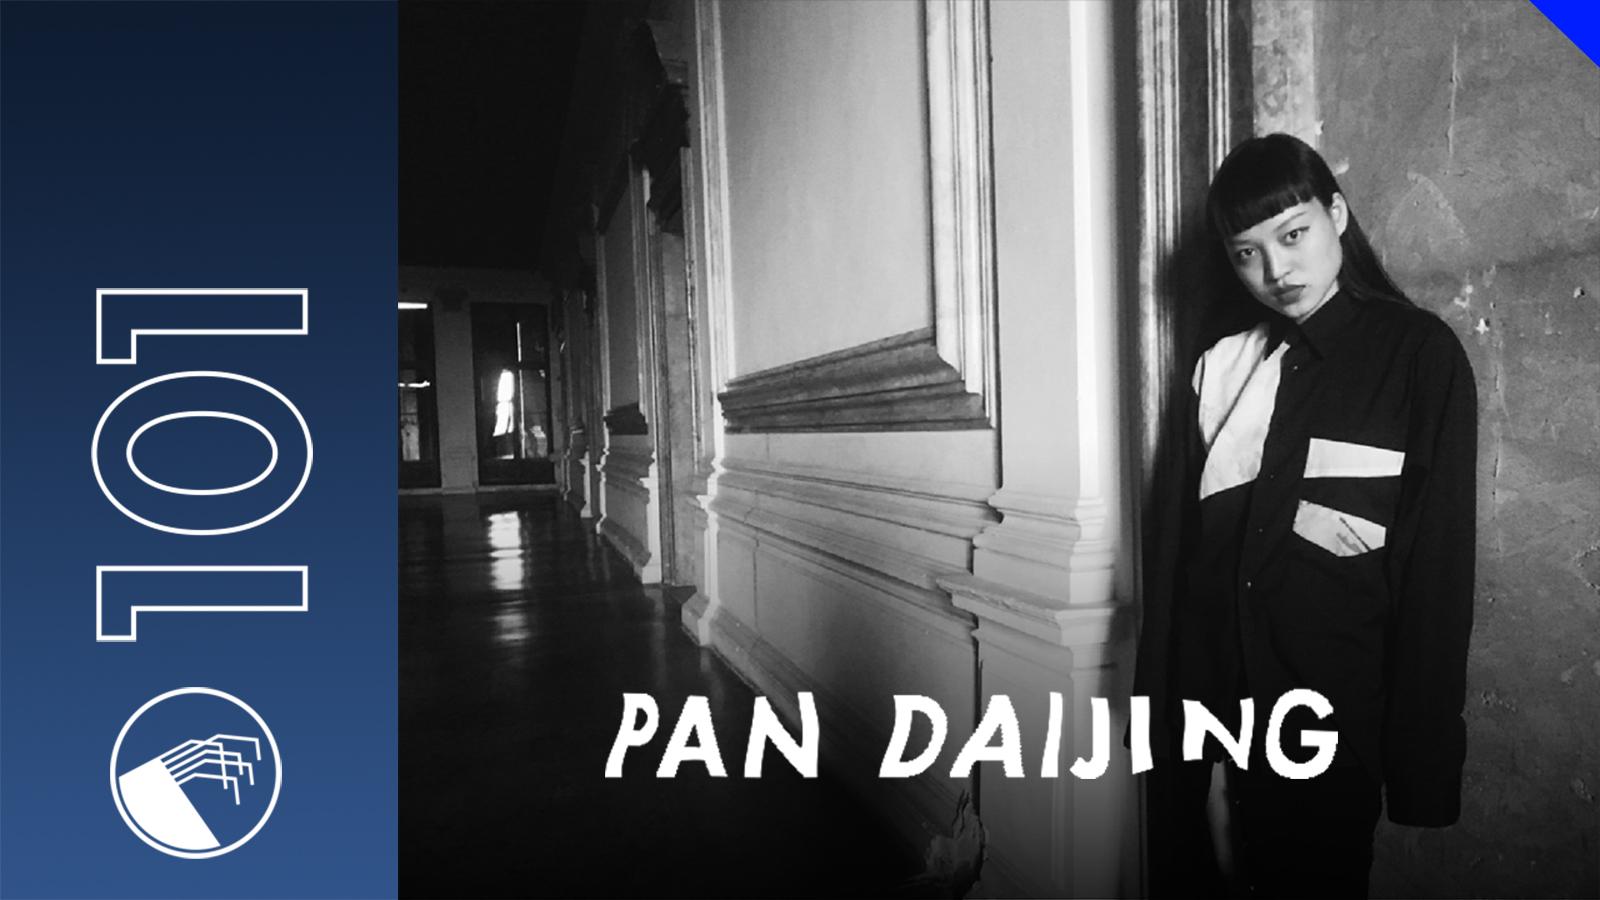 101 Pan Daijing